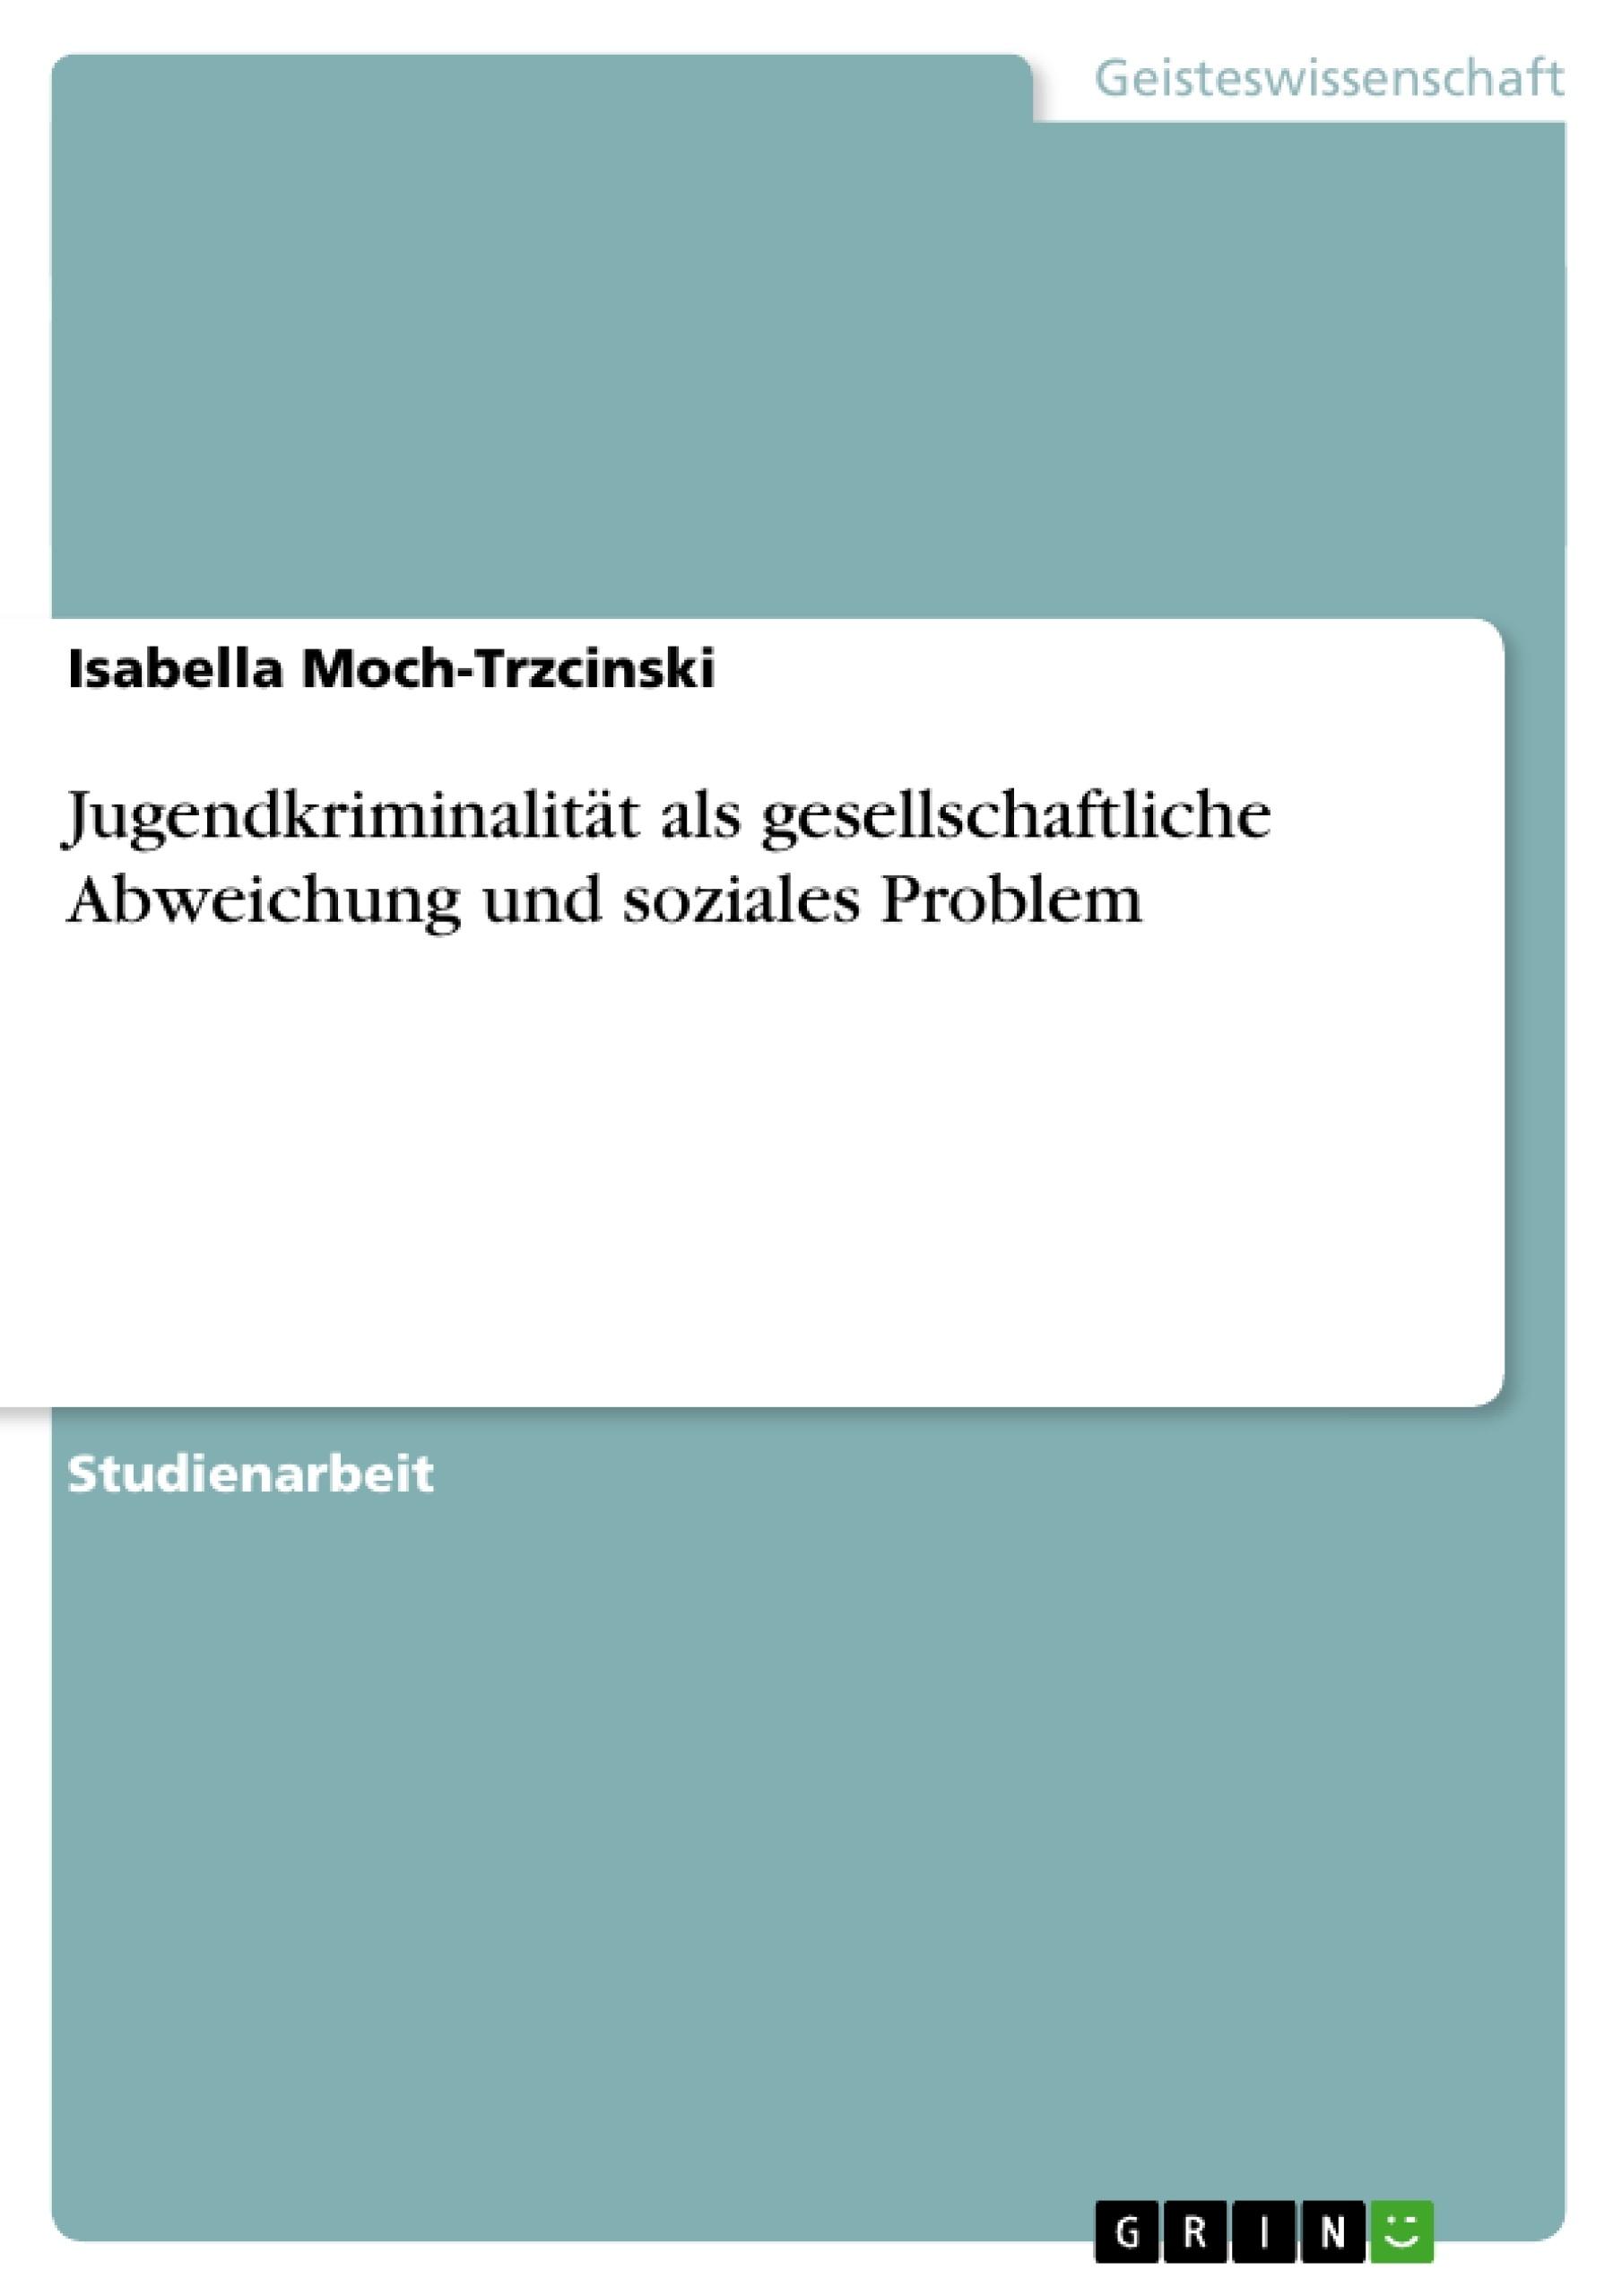 Titel: Jugendkriminalität als gesellschaftliche Abweichung und soziales Problem